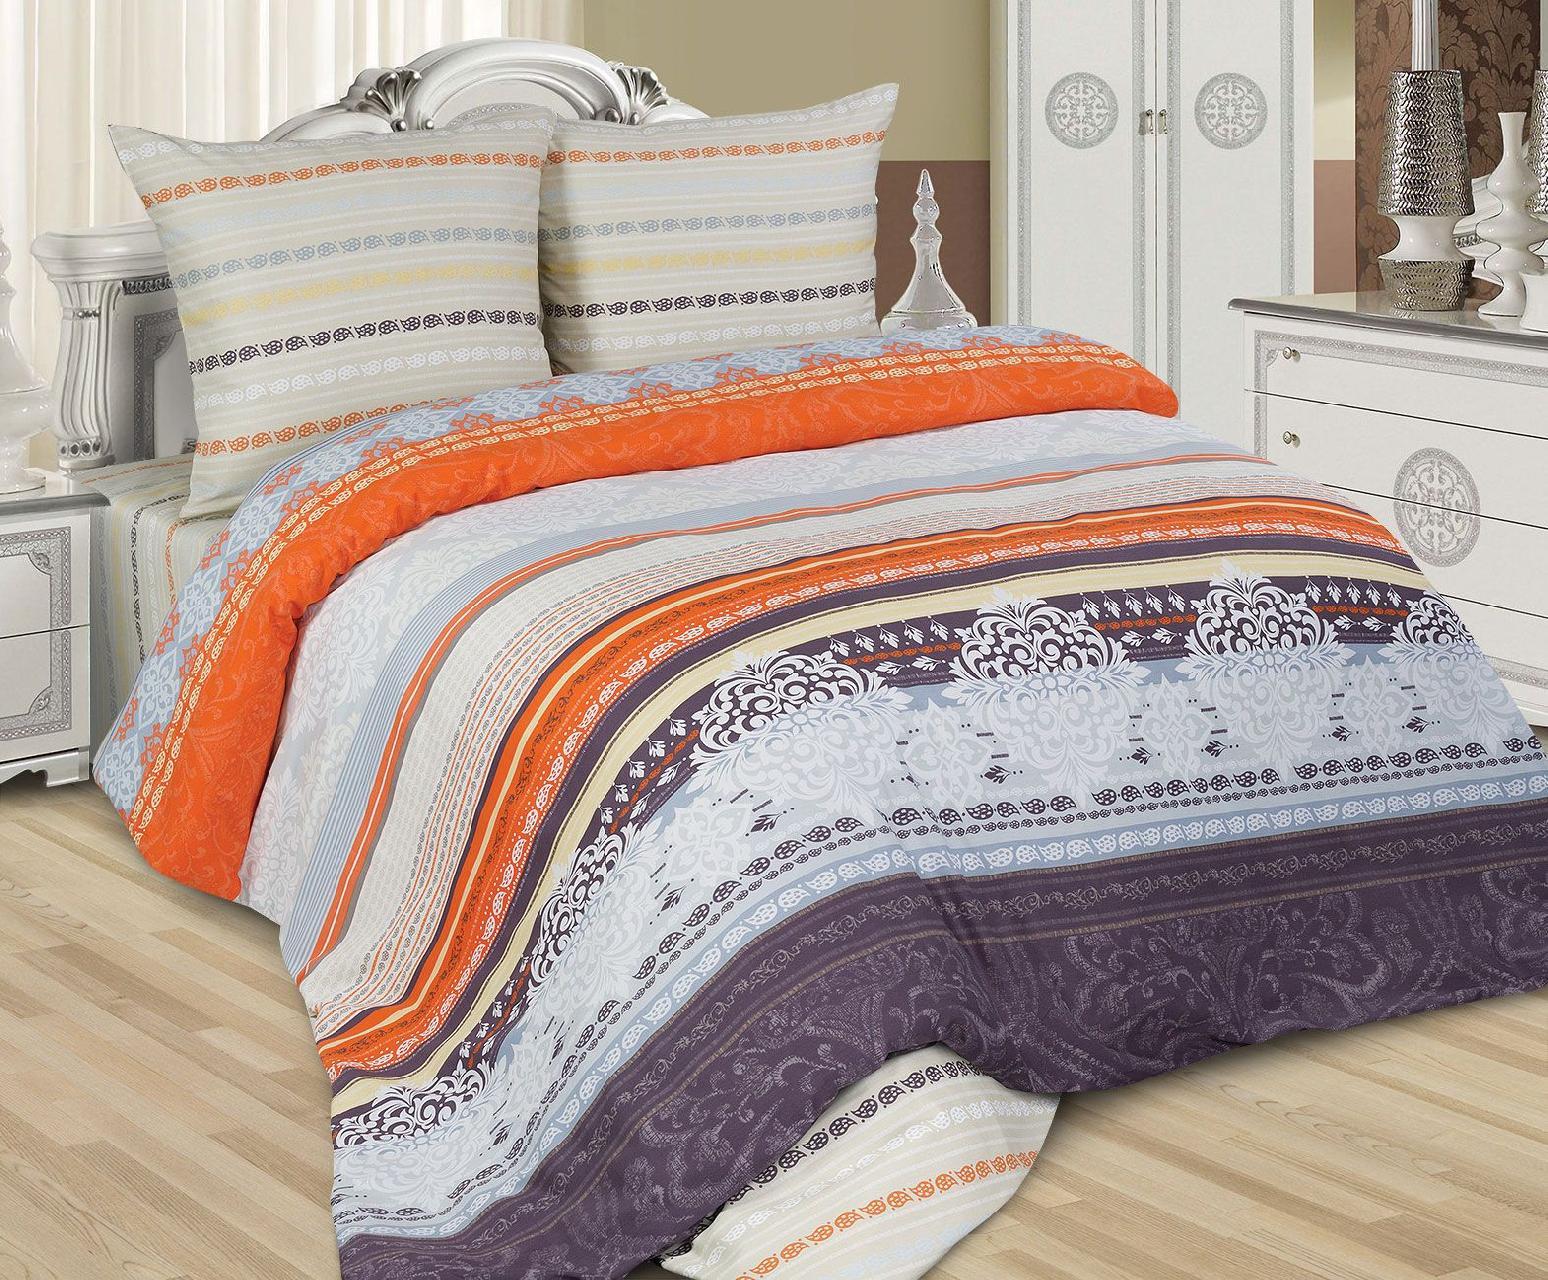 Комплекты постельного белья Guten Morgen gmg701543